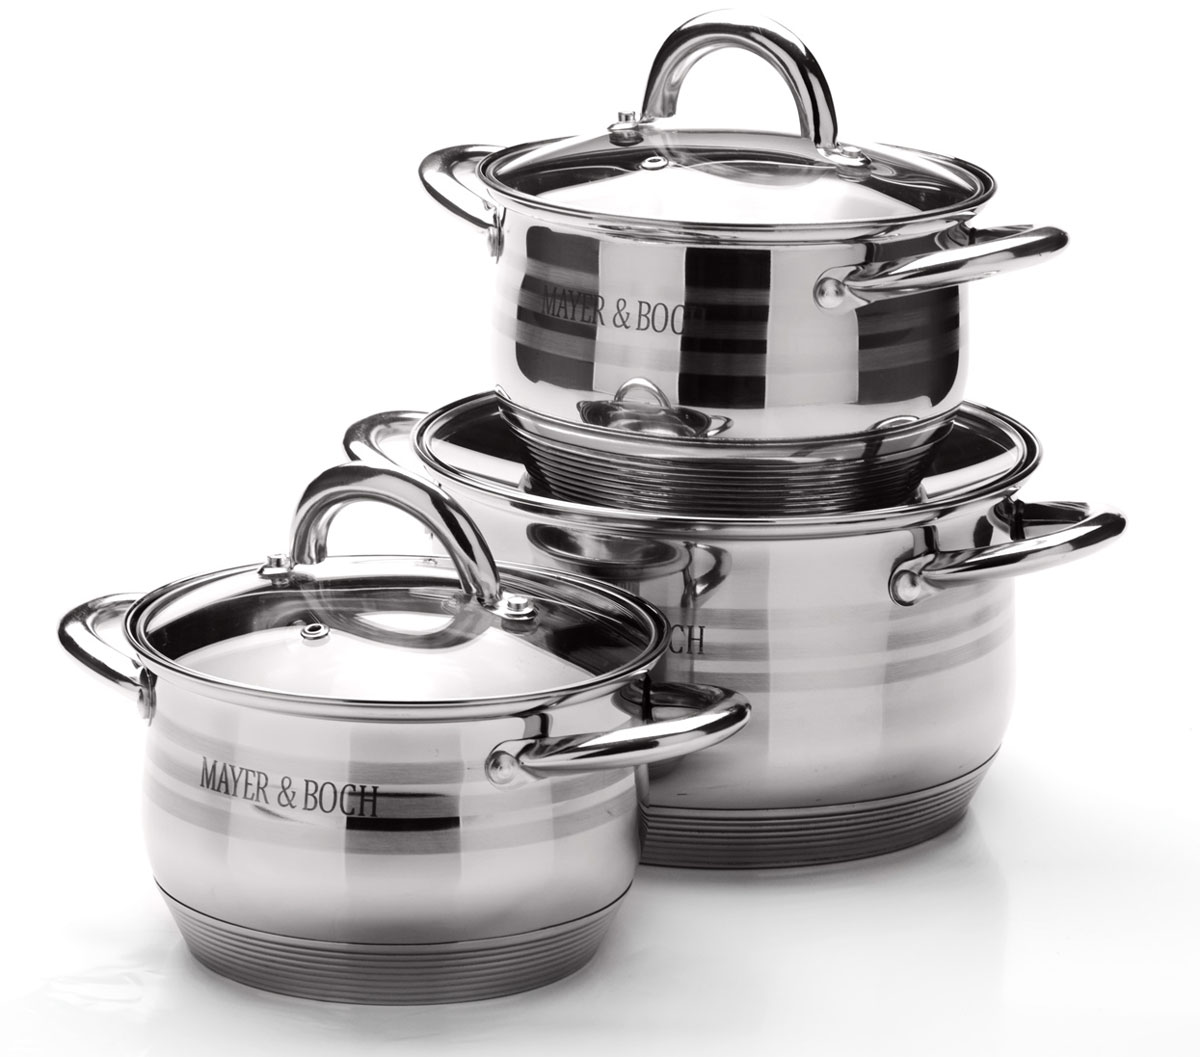 Набор посуды Mayer & Boch, 6 предметов. 25668115510Набор посуды станет отличным дополнением к набору кухонной утвари. С его приобретением приготовление ваших любимых блюд перейдет на качественно новый уровень и вы сможете воплотить в жизнь любые кулинарные идеи. В комплект входят 6 предметов: 3 кастрюли (объем 2,1/ 2,1/ 3,9), 3 крышки. Набор многофункционален и удобен в использовании, подойдет для варки супов, приготовления блюд из мяса и рыбы, гарниров, соусов т. д.